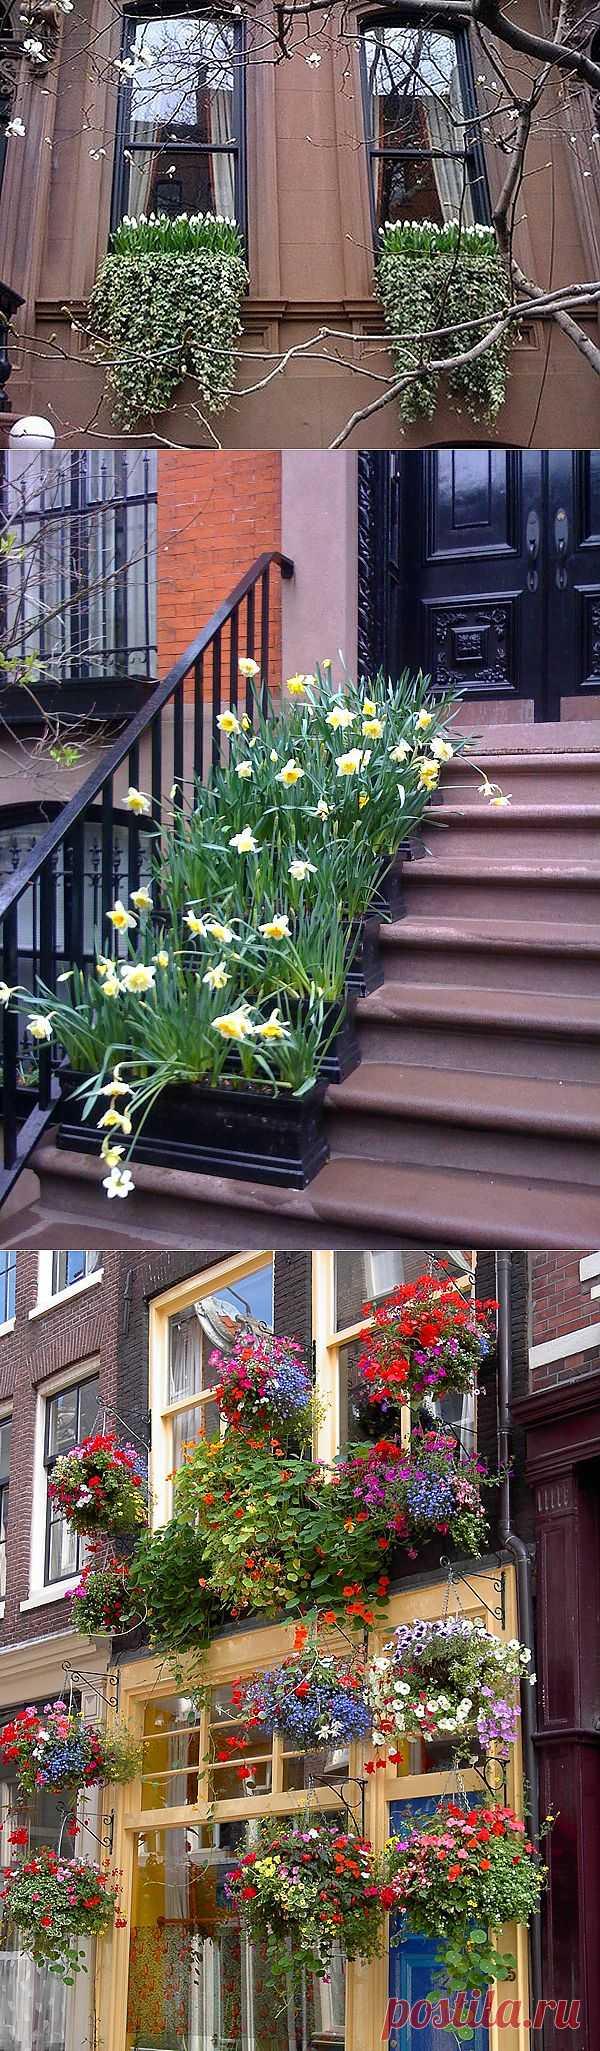 Ребята, давайте сделаем весну за окном!